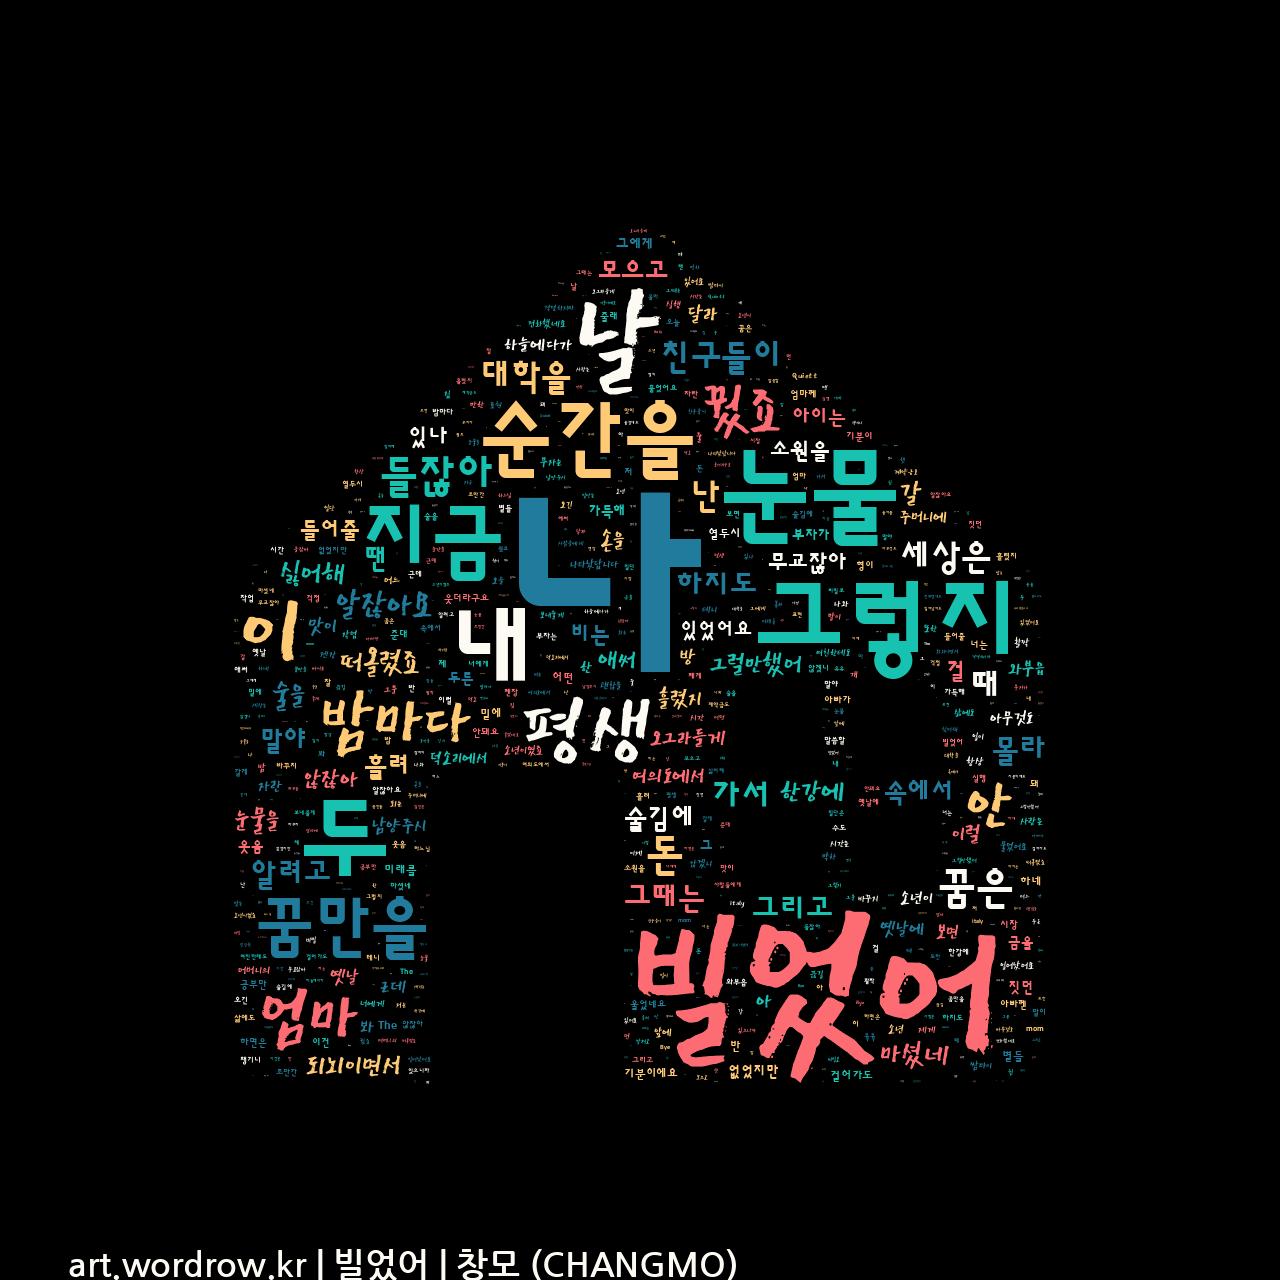 워드 클라우드: 빌었어 [창모 (CHANGMO)]-54